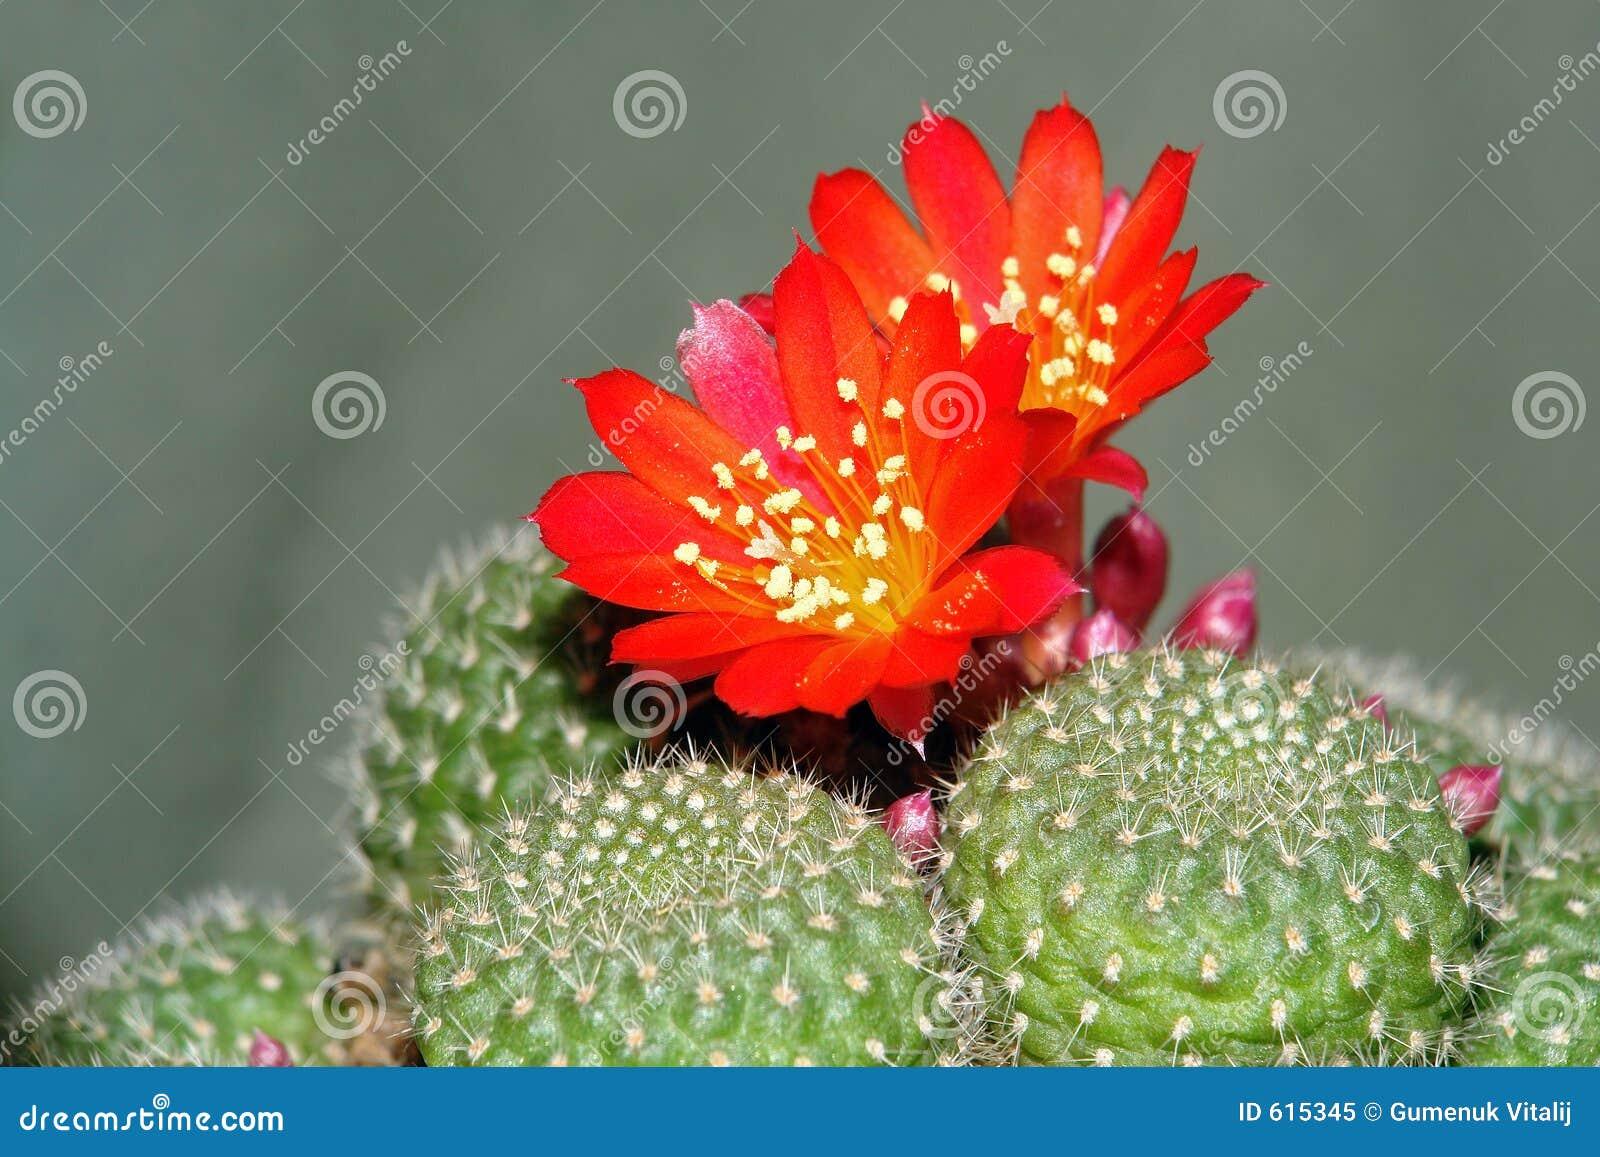 Blühender Kaktus.